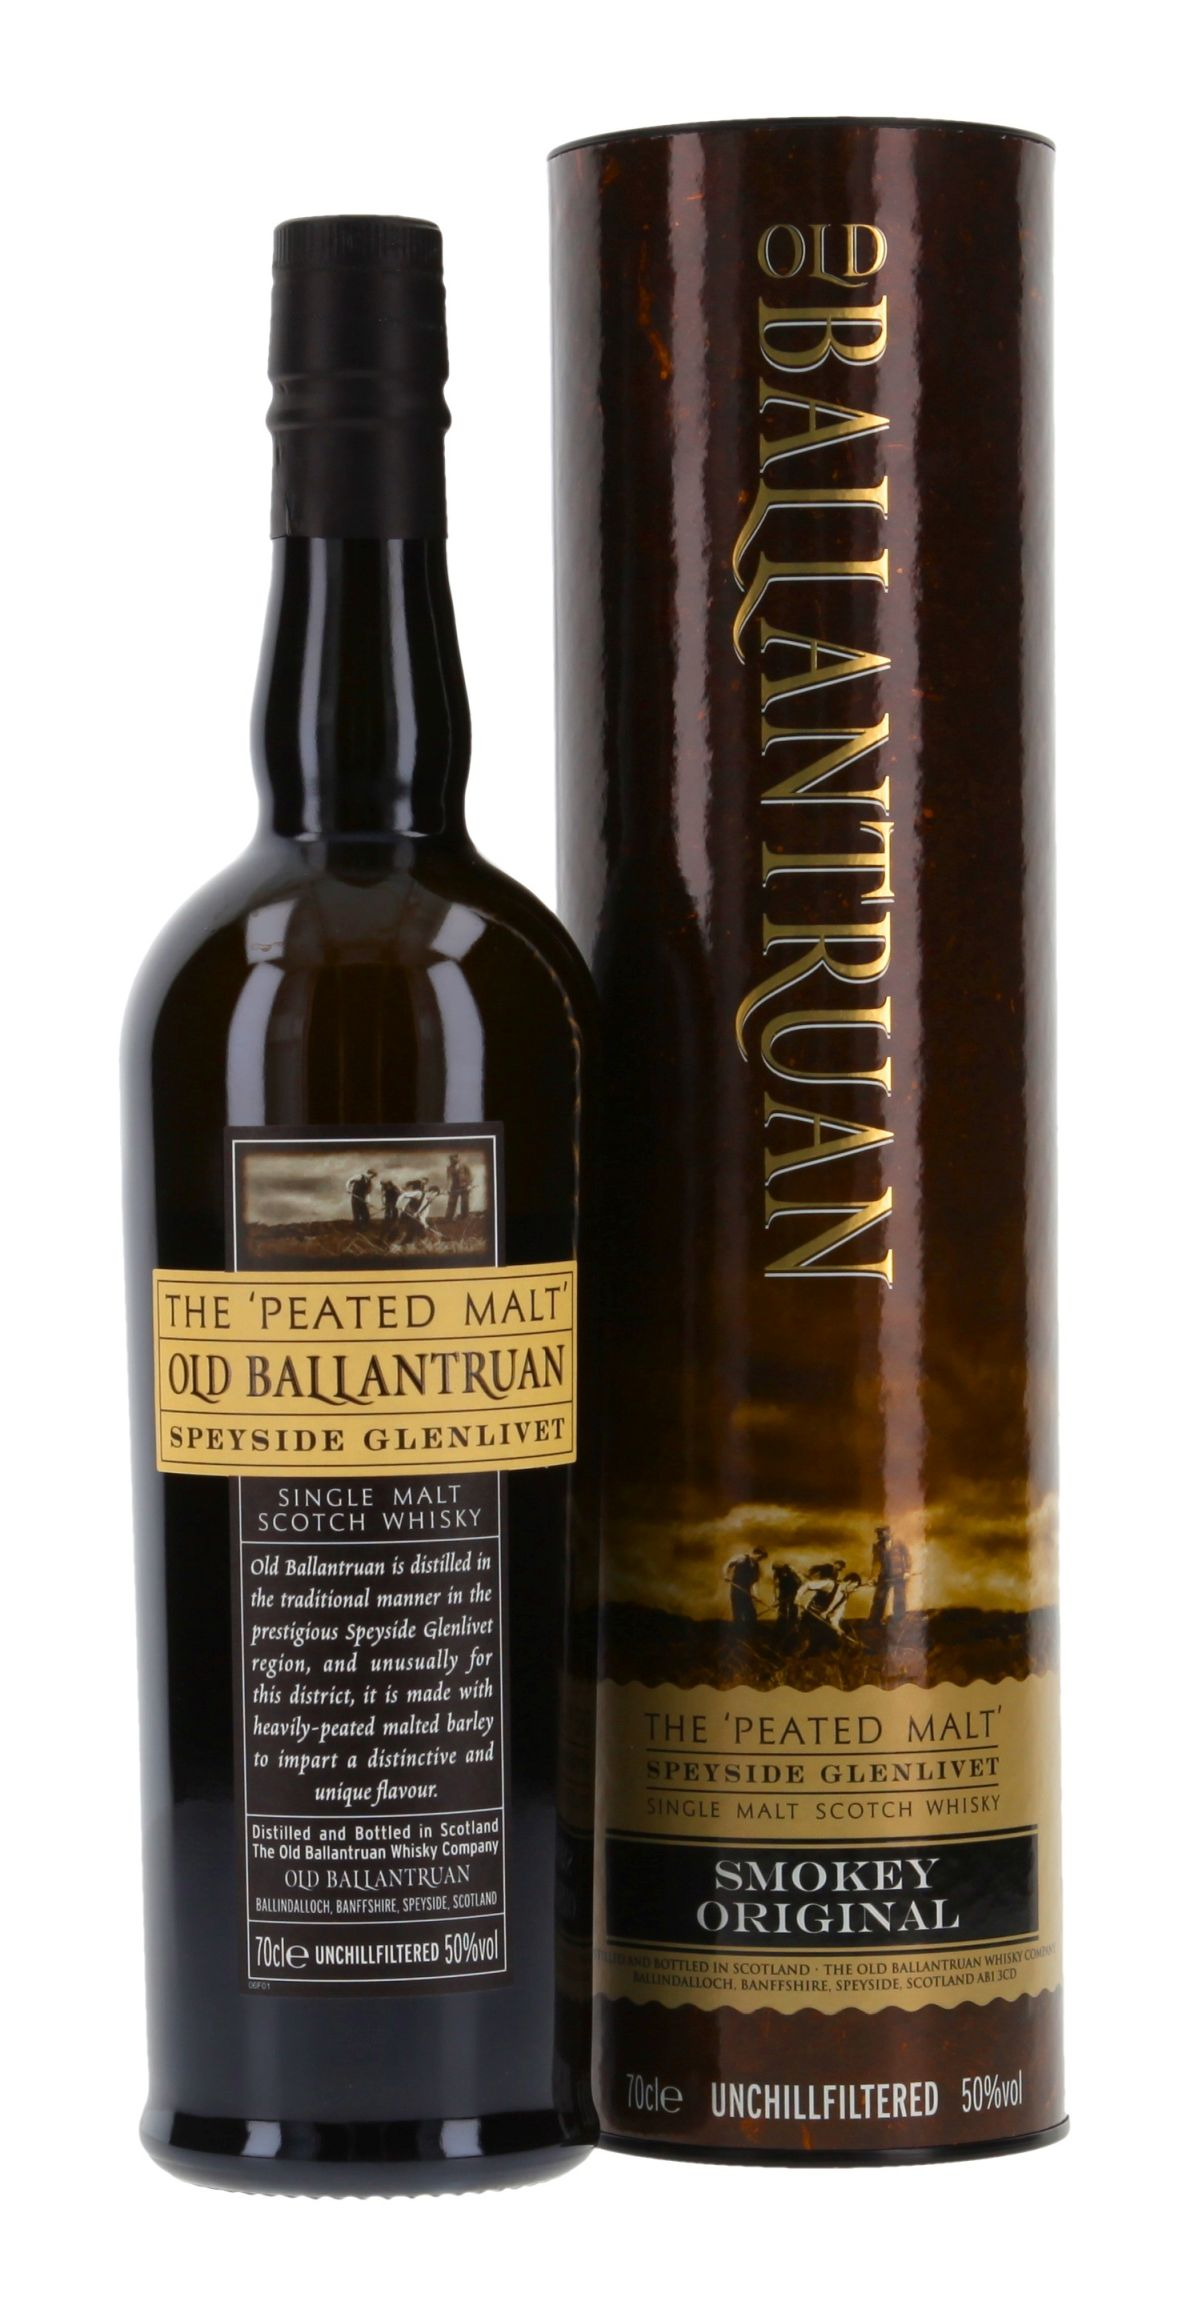 Old Ballantruan